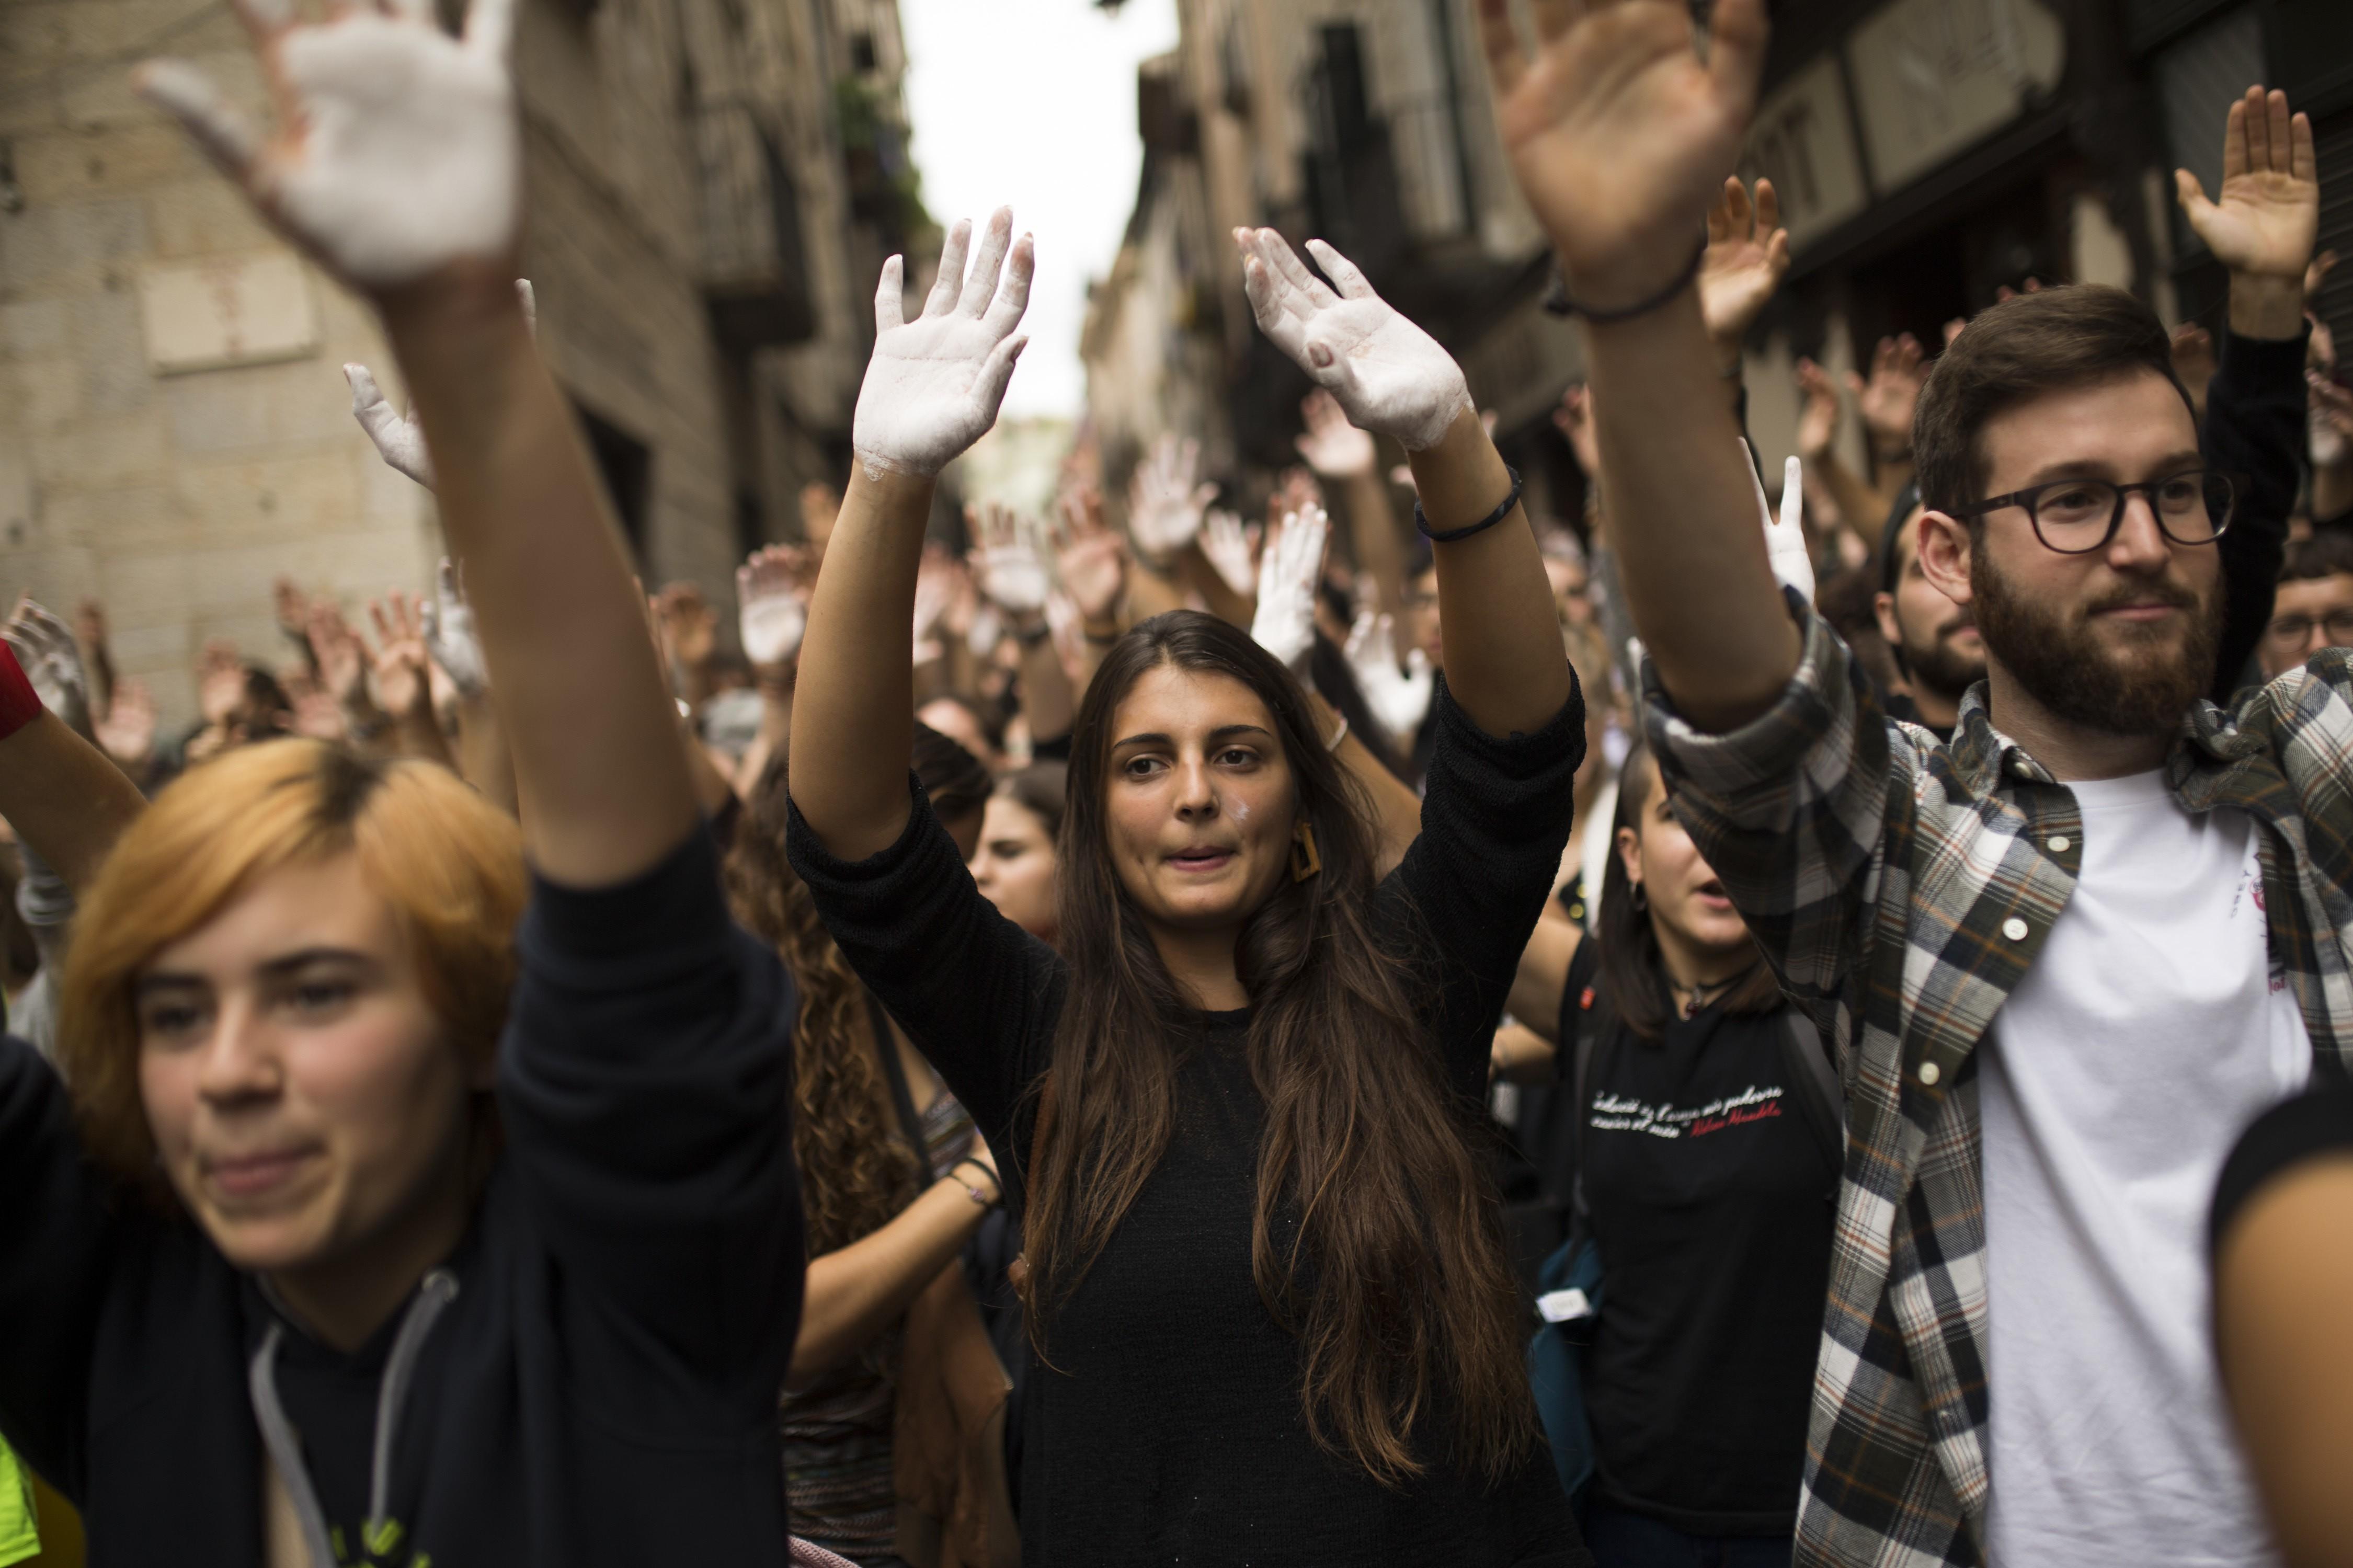 Palavra do ano eleita pelo dicionário Oxford é 'youthquake', que homenageia a revolução promovida por jovens